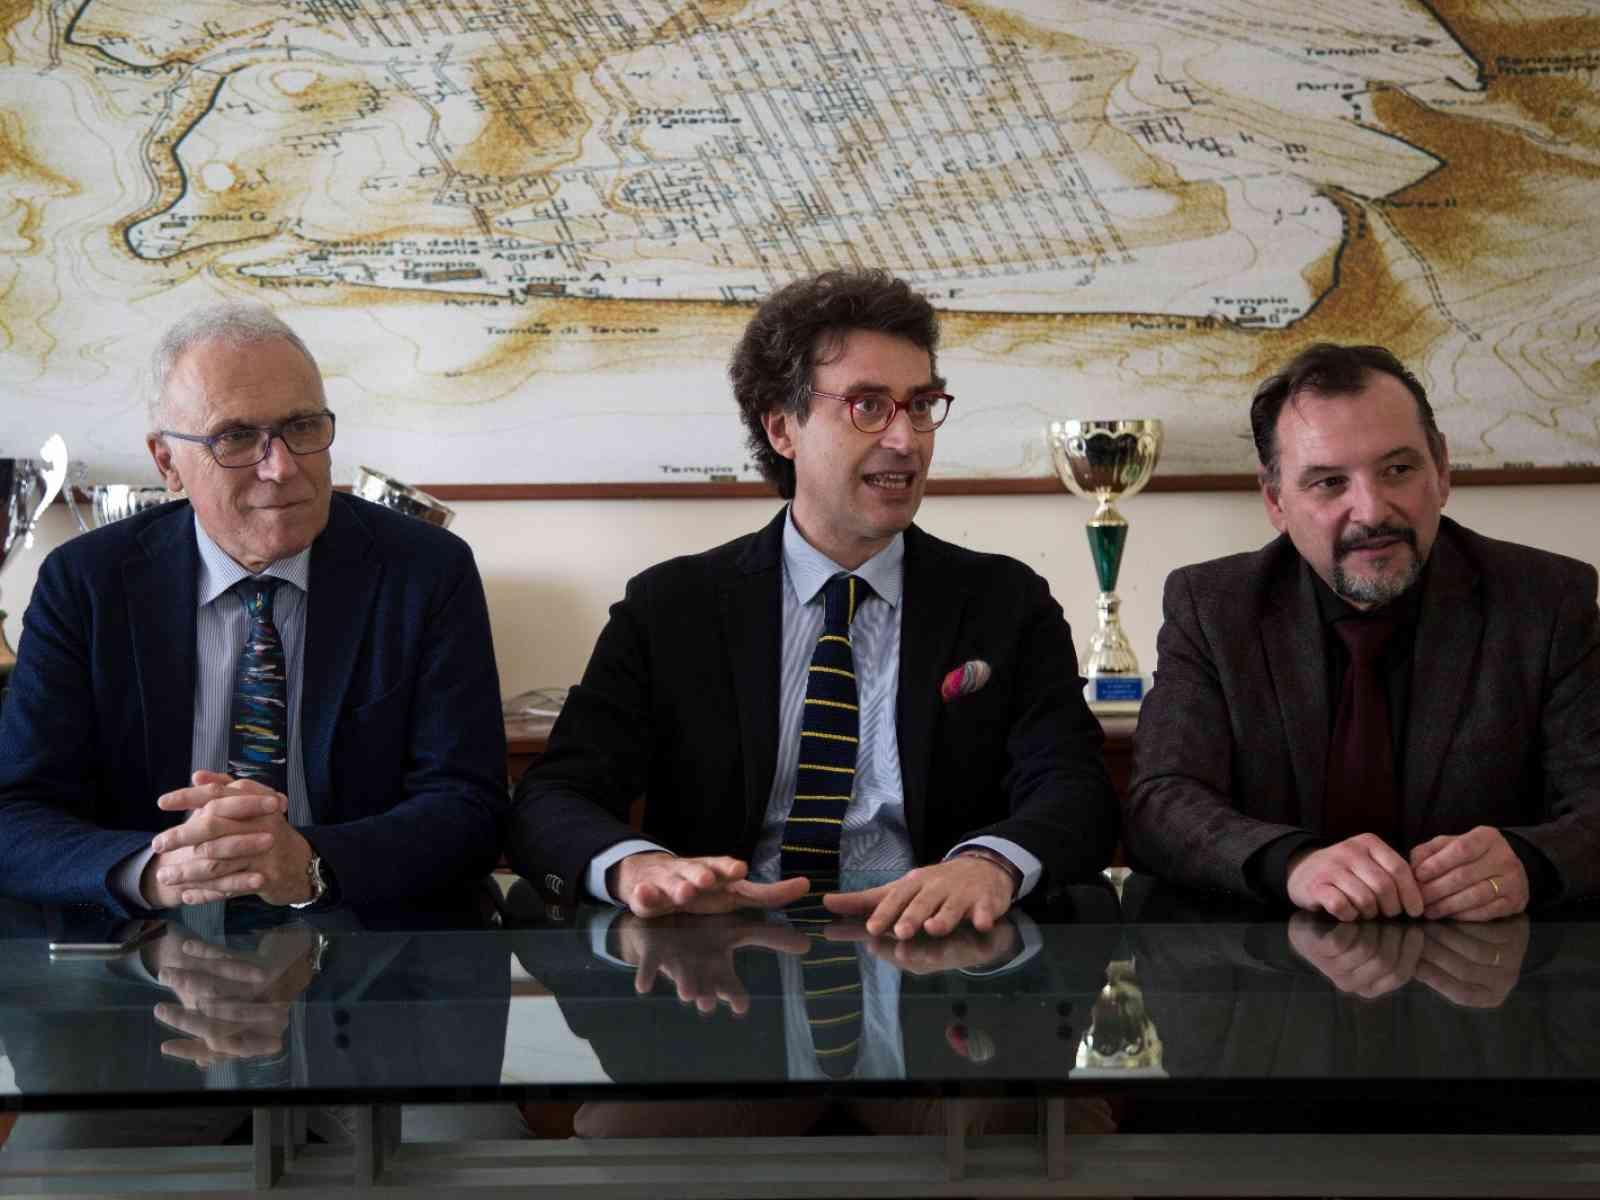 Da destra Rino La Mendola, Alfonso Cimino, Pietro Fiaccabrino